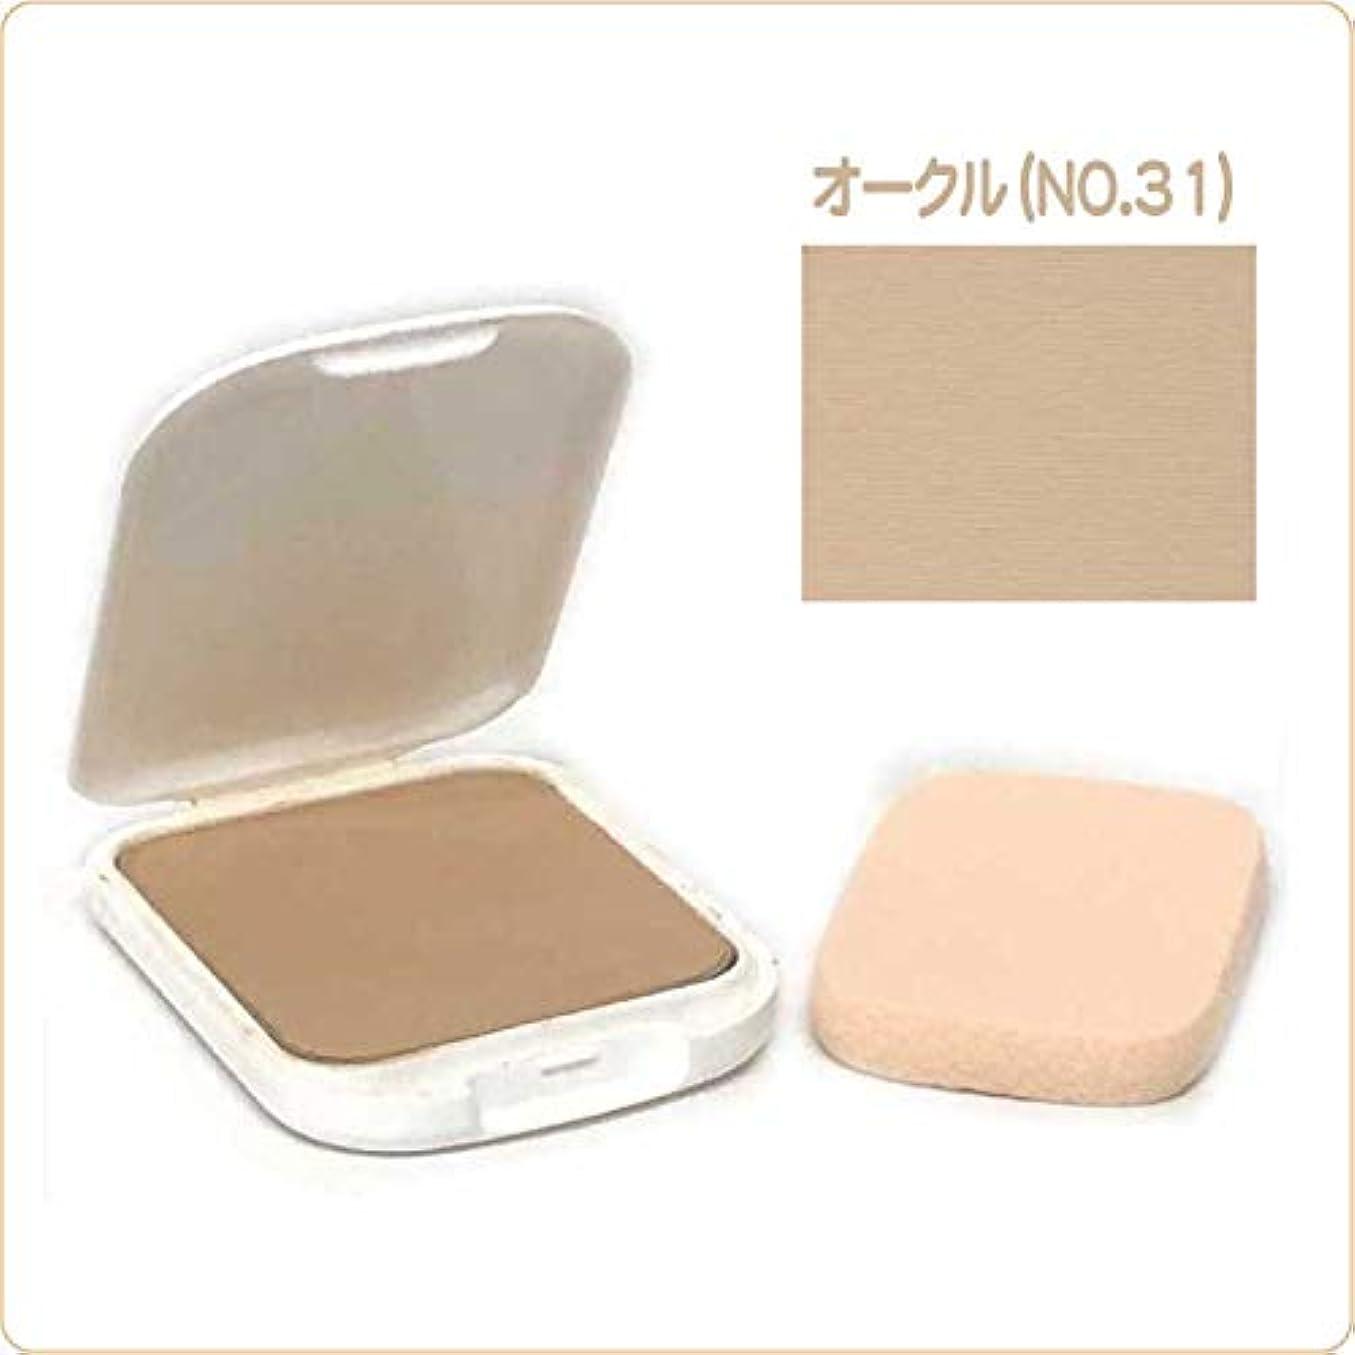 増強するまろやかなロードされたベルマン化粧品 ファンデーション  NONLOOSEbio ツーウエイUV レフィル(パフ付き)  水あり?水なし両用タイプ 5色 (31?オークル系)